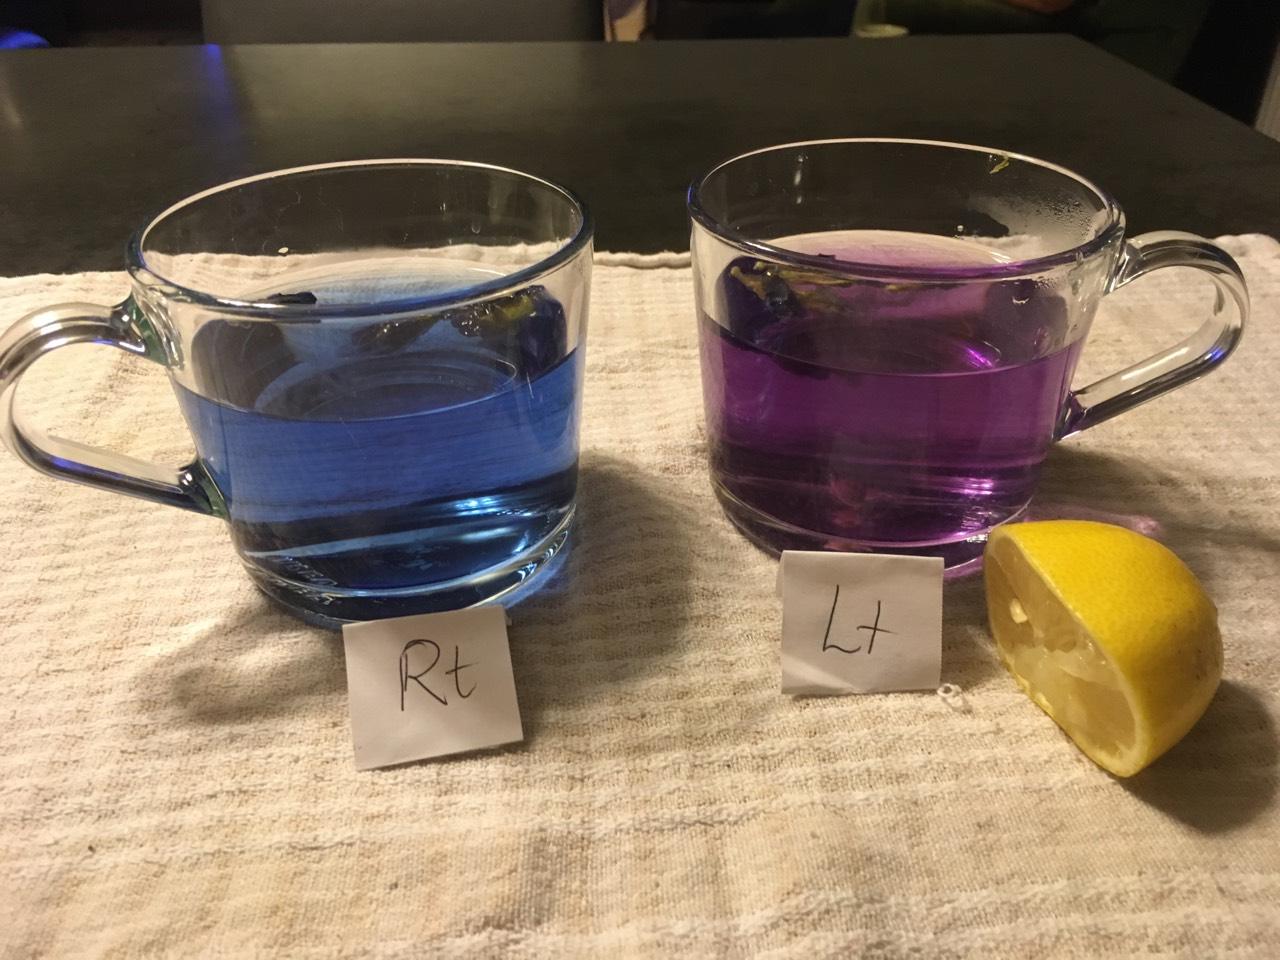 Image by Angela Koh. Left is Butterfly Blue Pea on it's own and right is Butterfly Blue Pea Tea with added lemon juice.